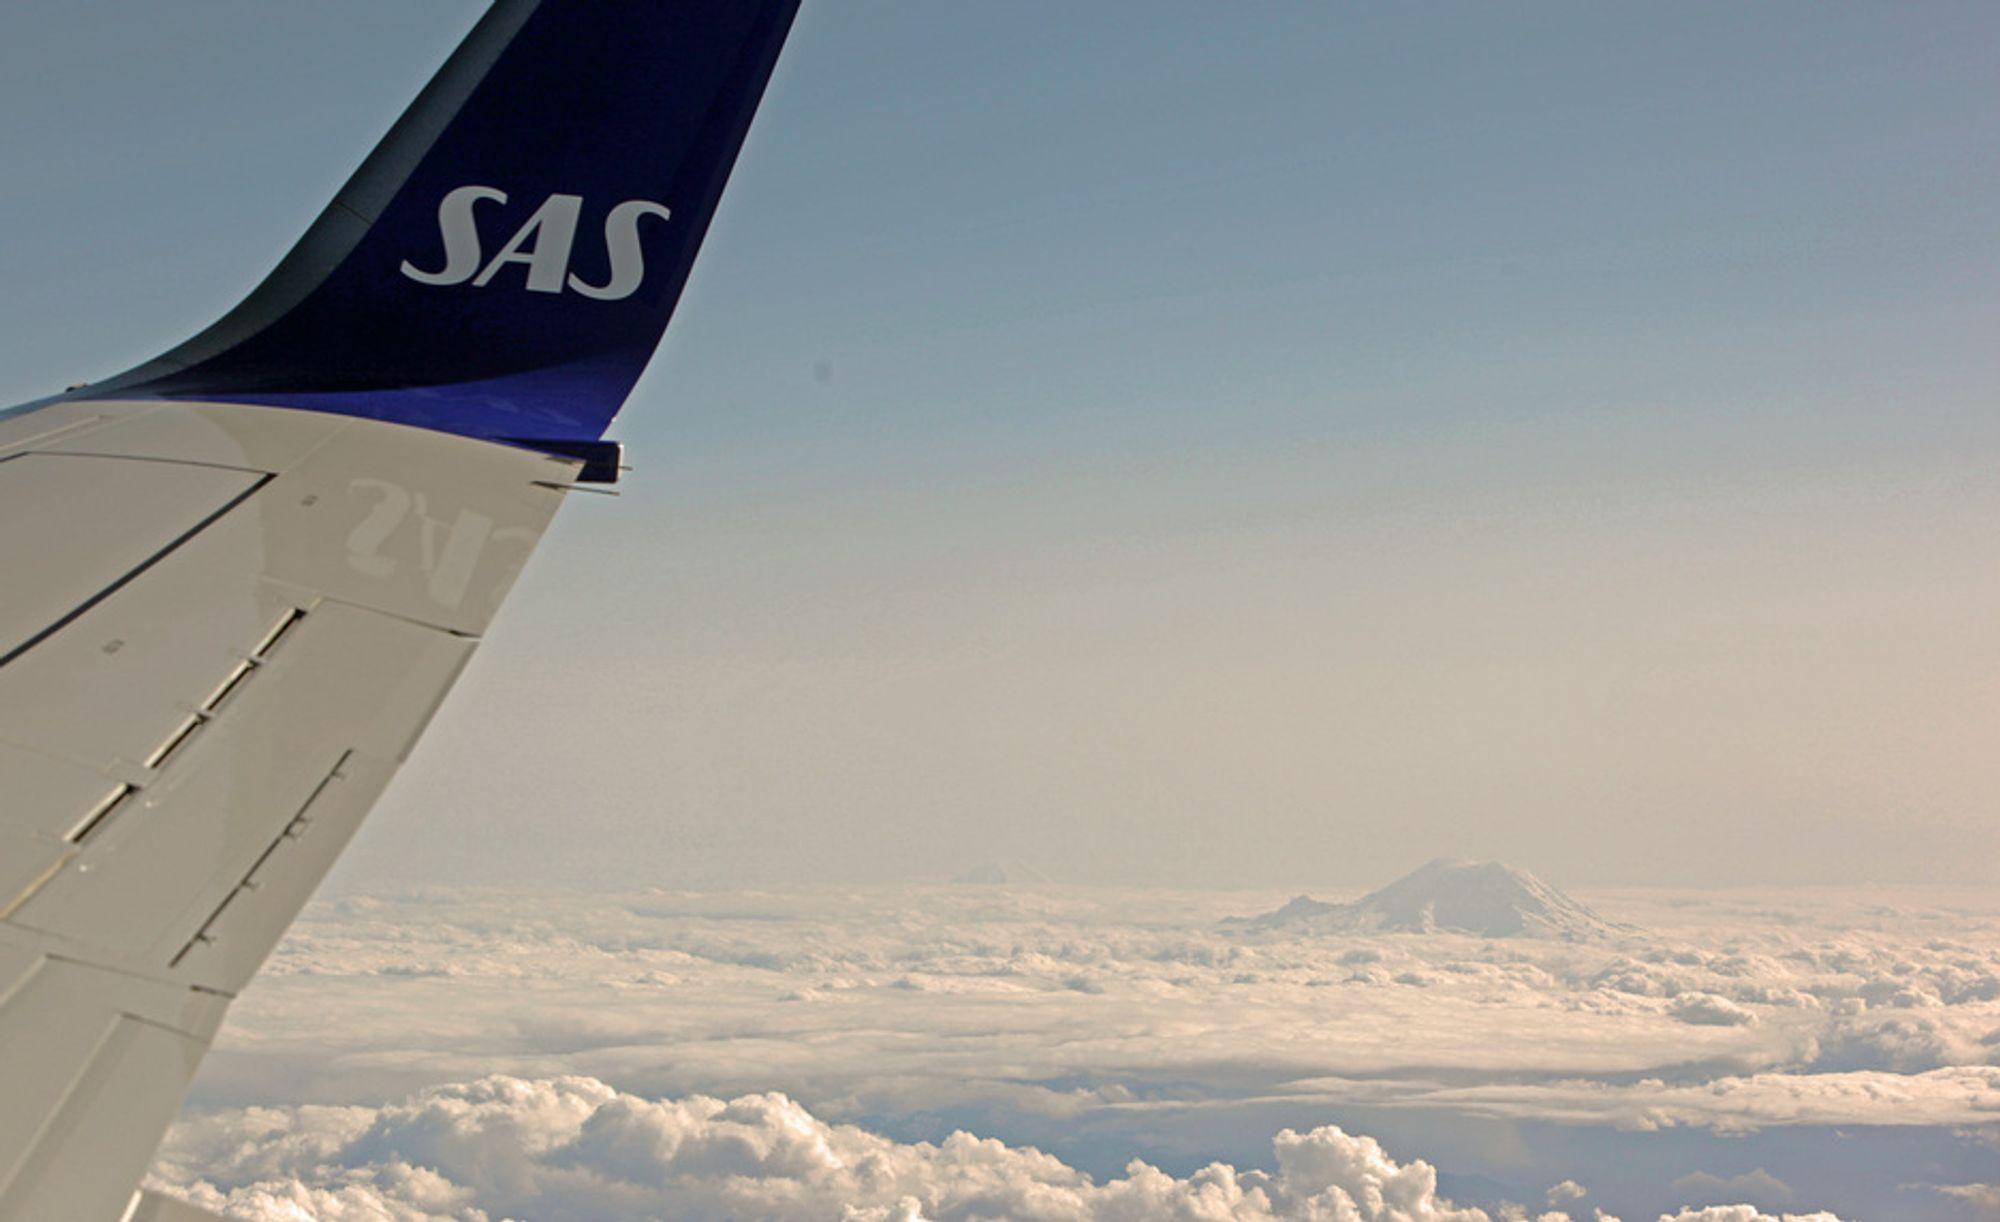 Også lave konsentrasjoner av vulkanaske kan gjøre skader på flyskrog og -motorer, advarer Airbus. Dette flyet er laget av Boeing (illustrasjonsfoto).